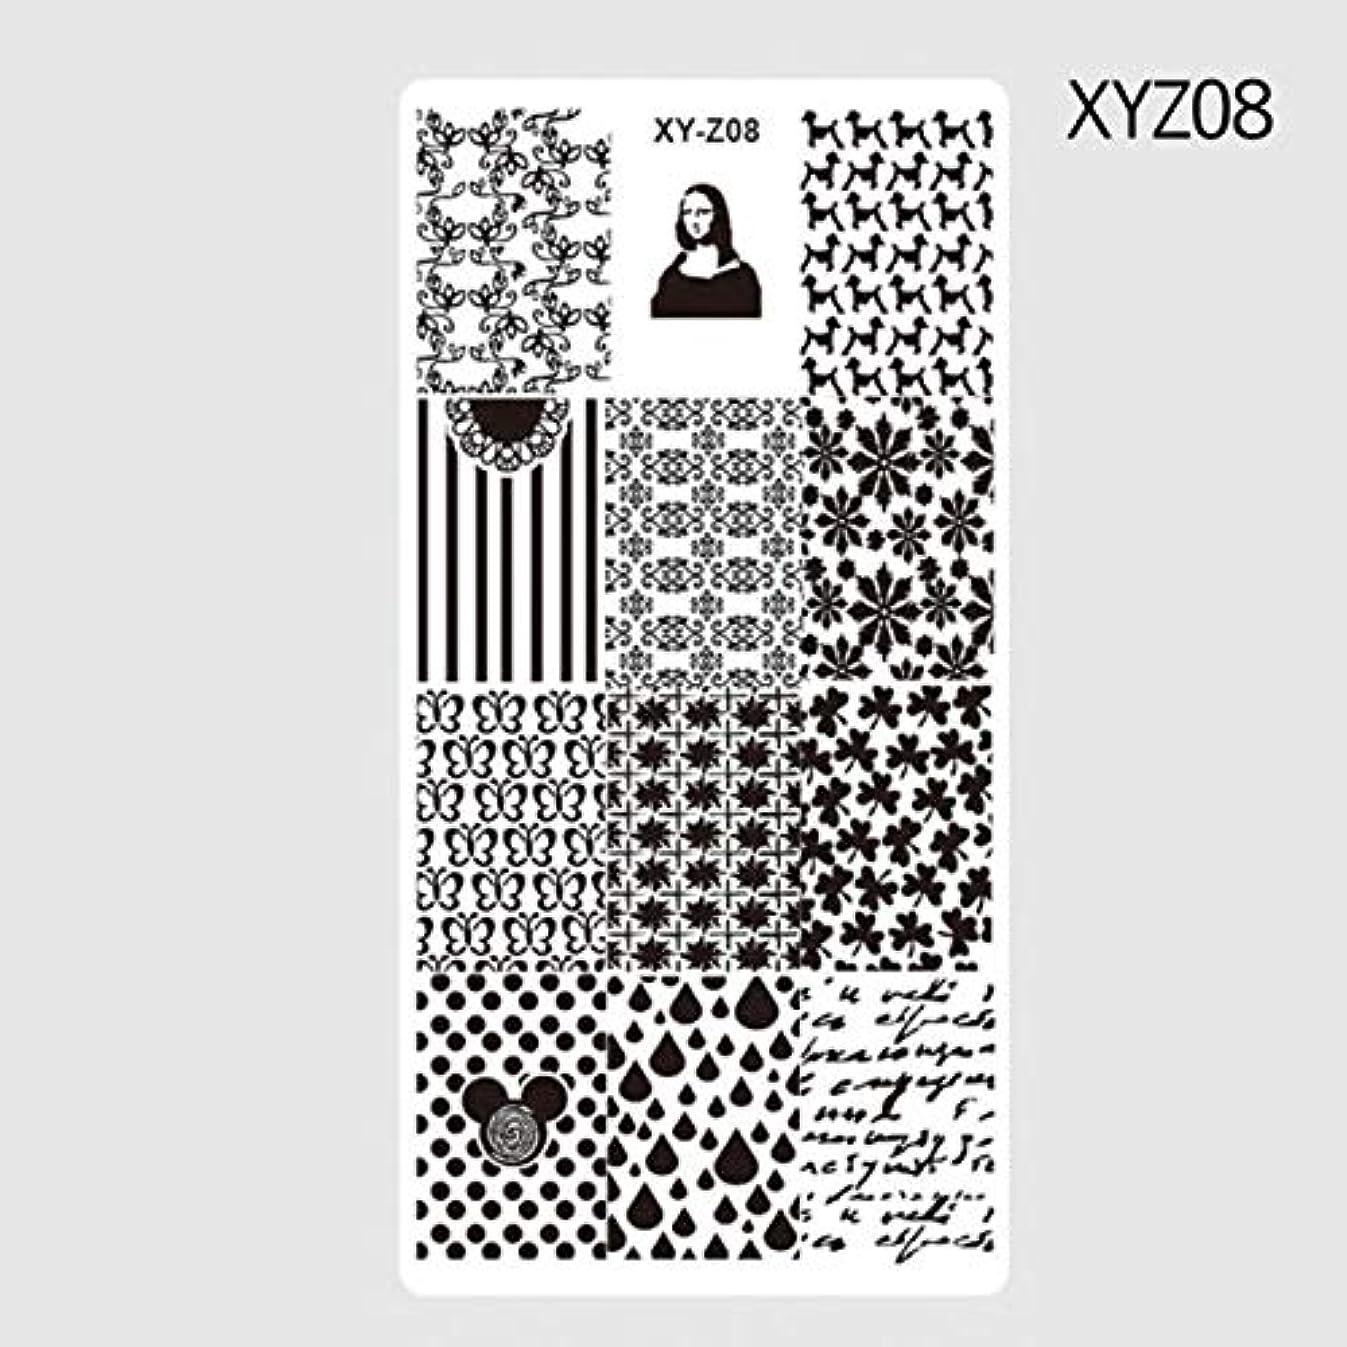 入力議会テンポビューティー&パーソナルケア 3ピースネイルスタンピングテンプレート風車花柄DIYネイルデザイン(XYZ01) ステッカー&デカール (色 : XYZ08)